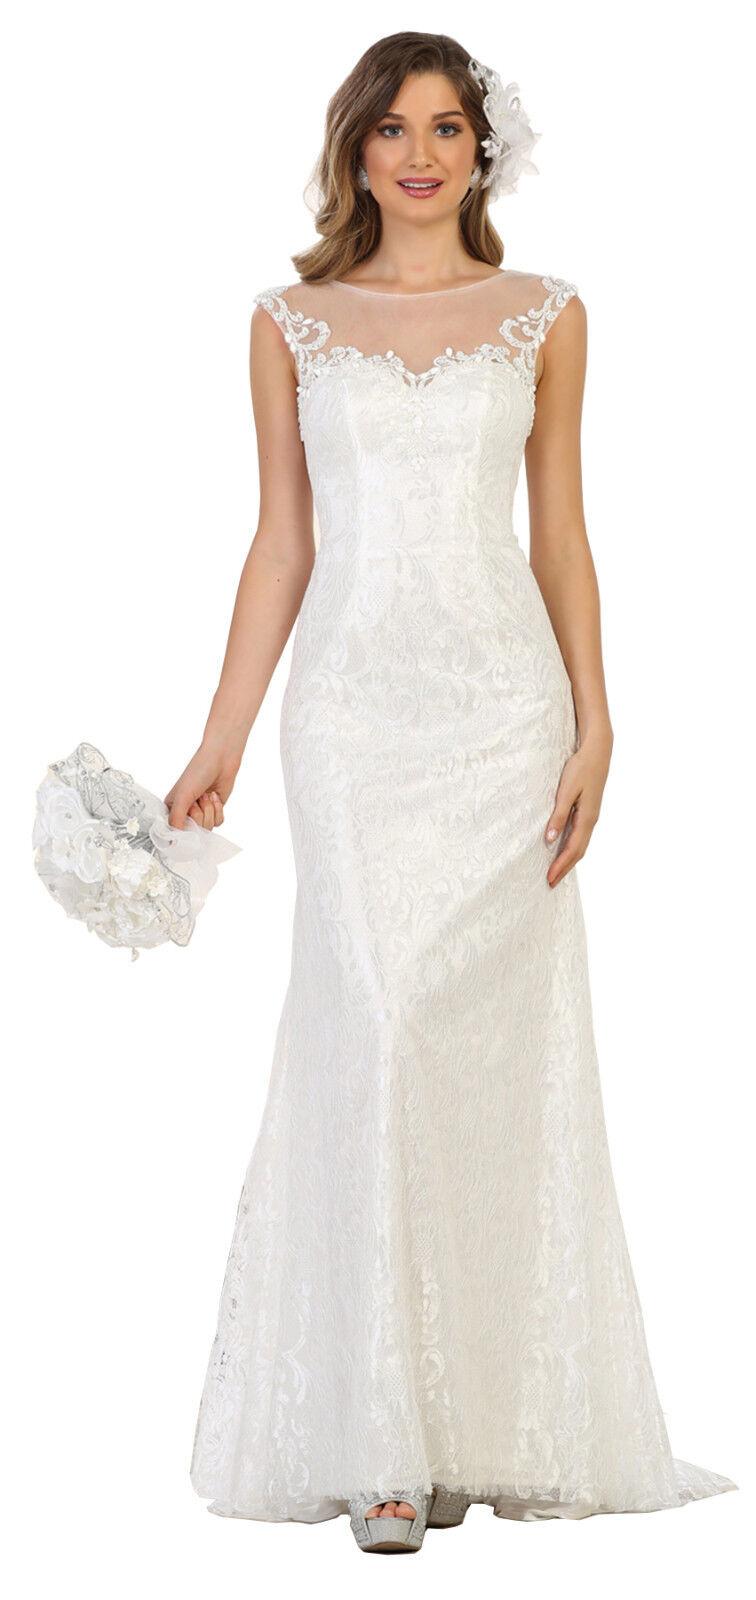 Ausverkauf  Braut Abend Kirche Kleid Lang Einfach Formelle Destination